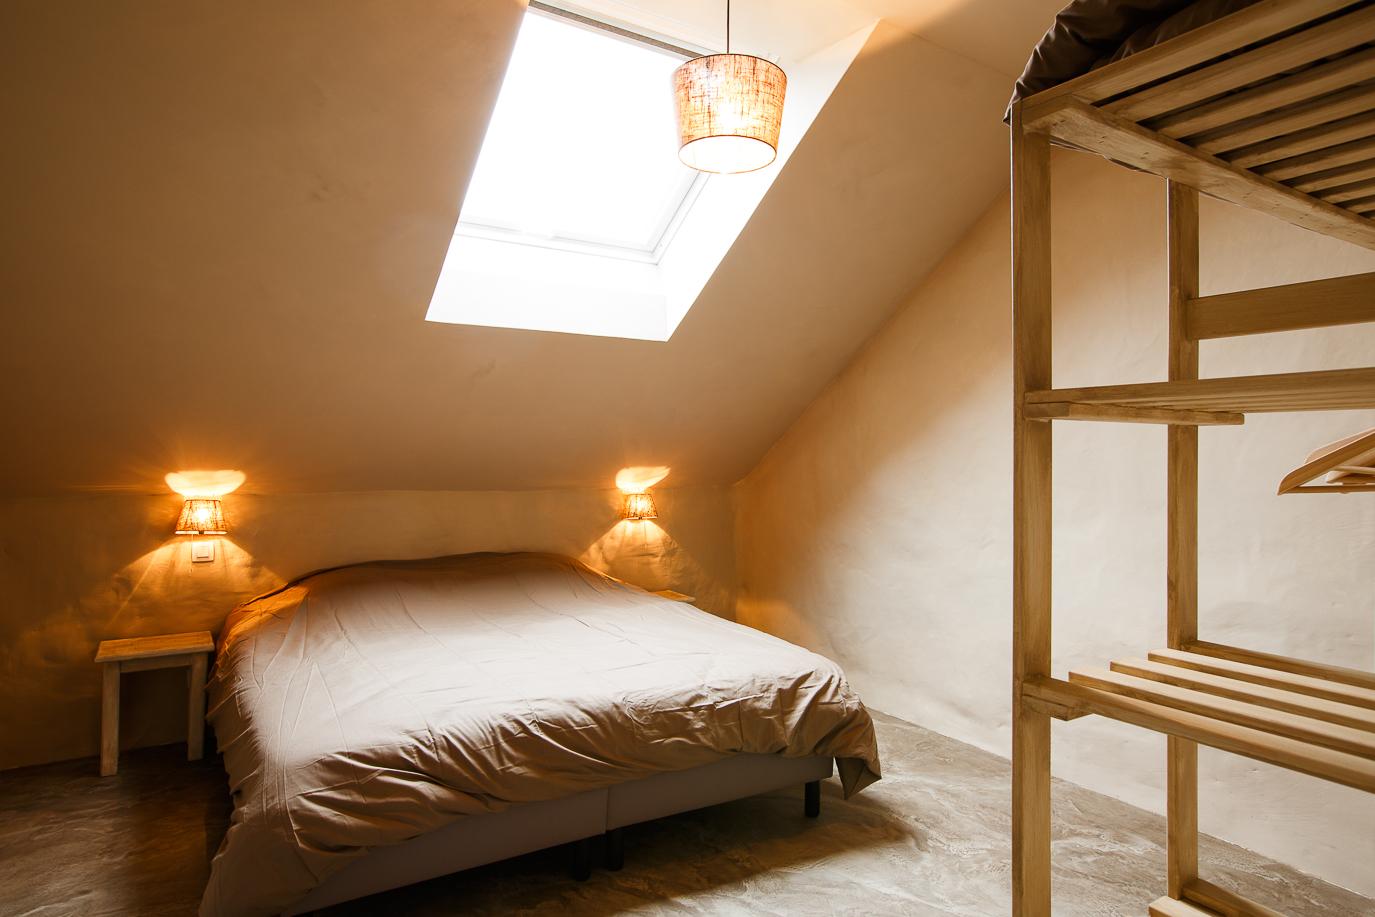 les chambres sont cosys et confortables